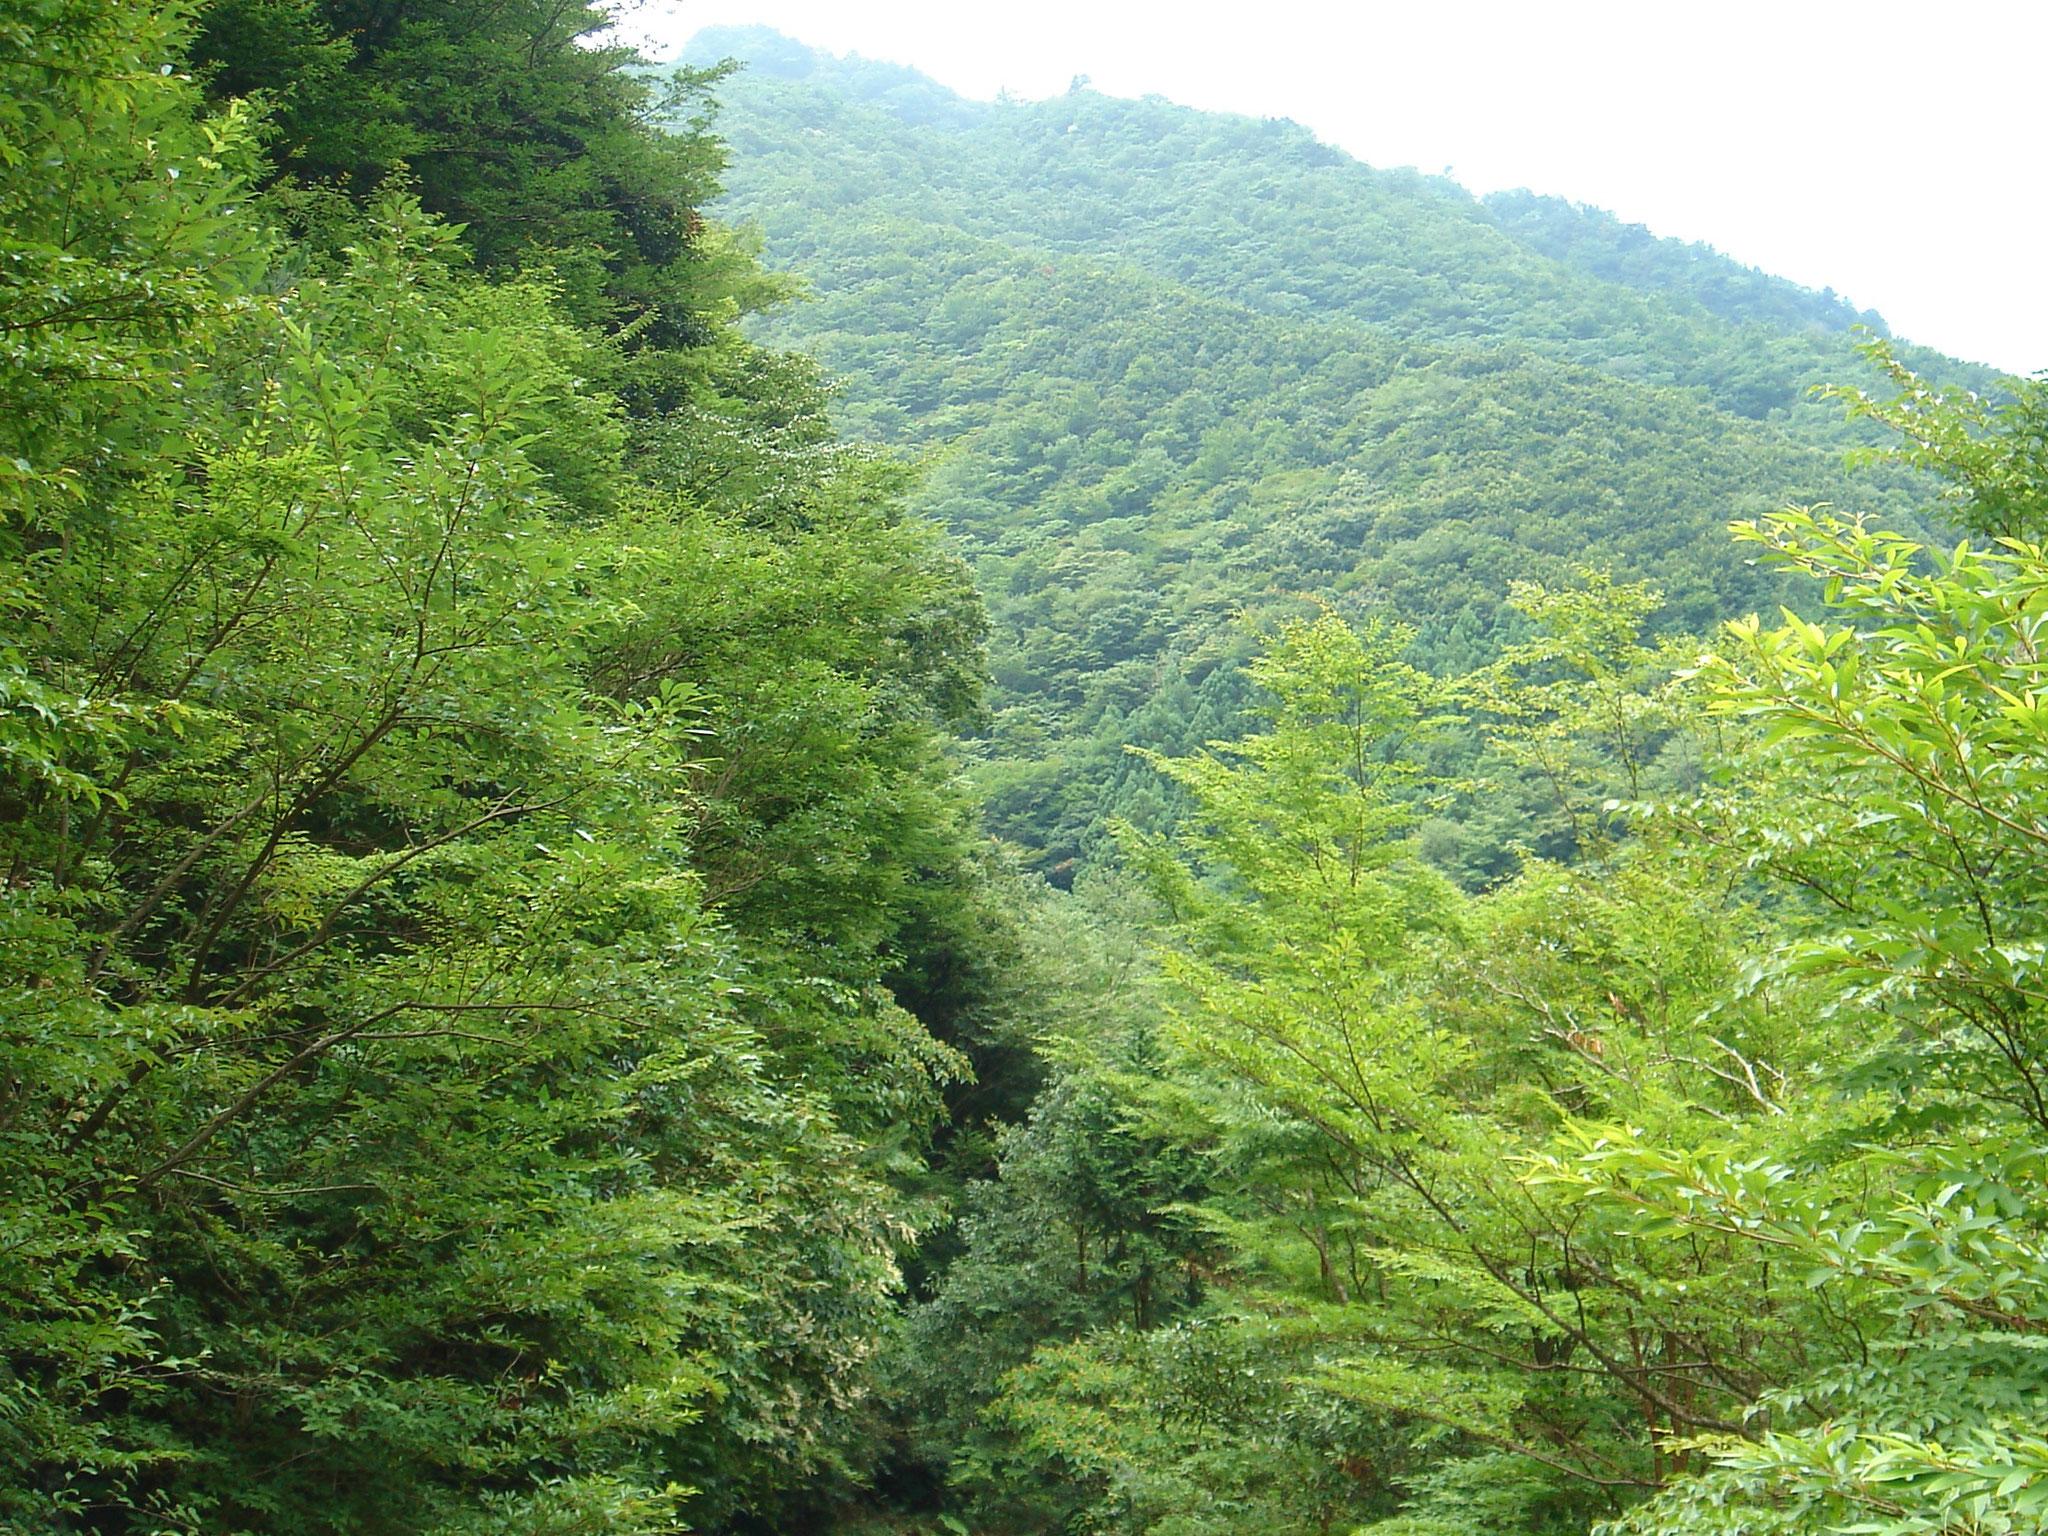 父ケ谷トラスト地(三重県大台町) 2010年取得 約268ha